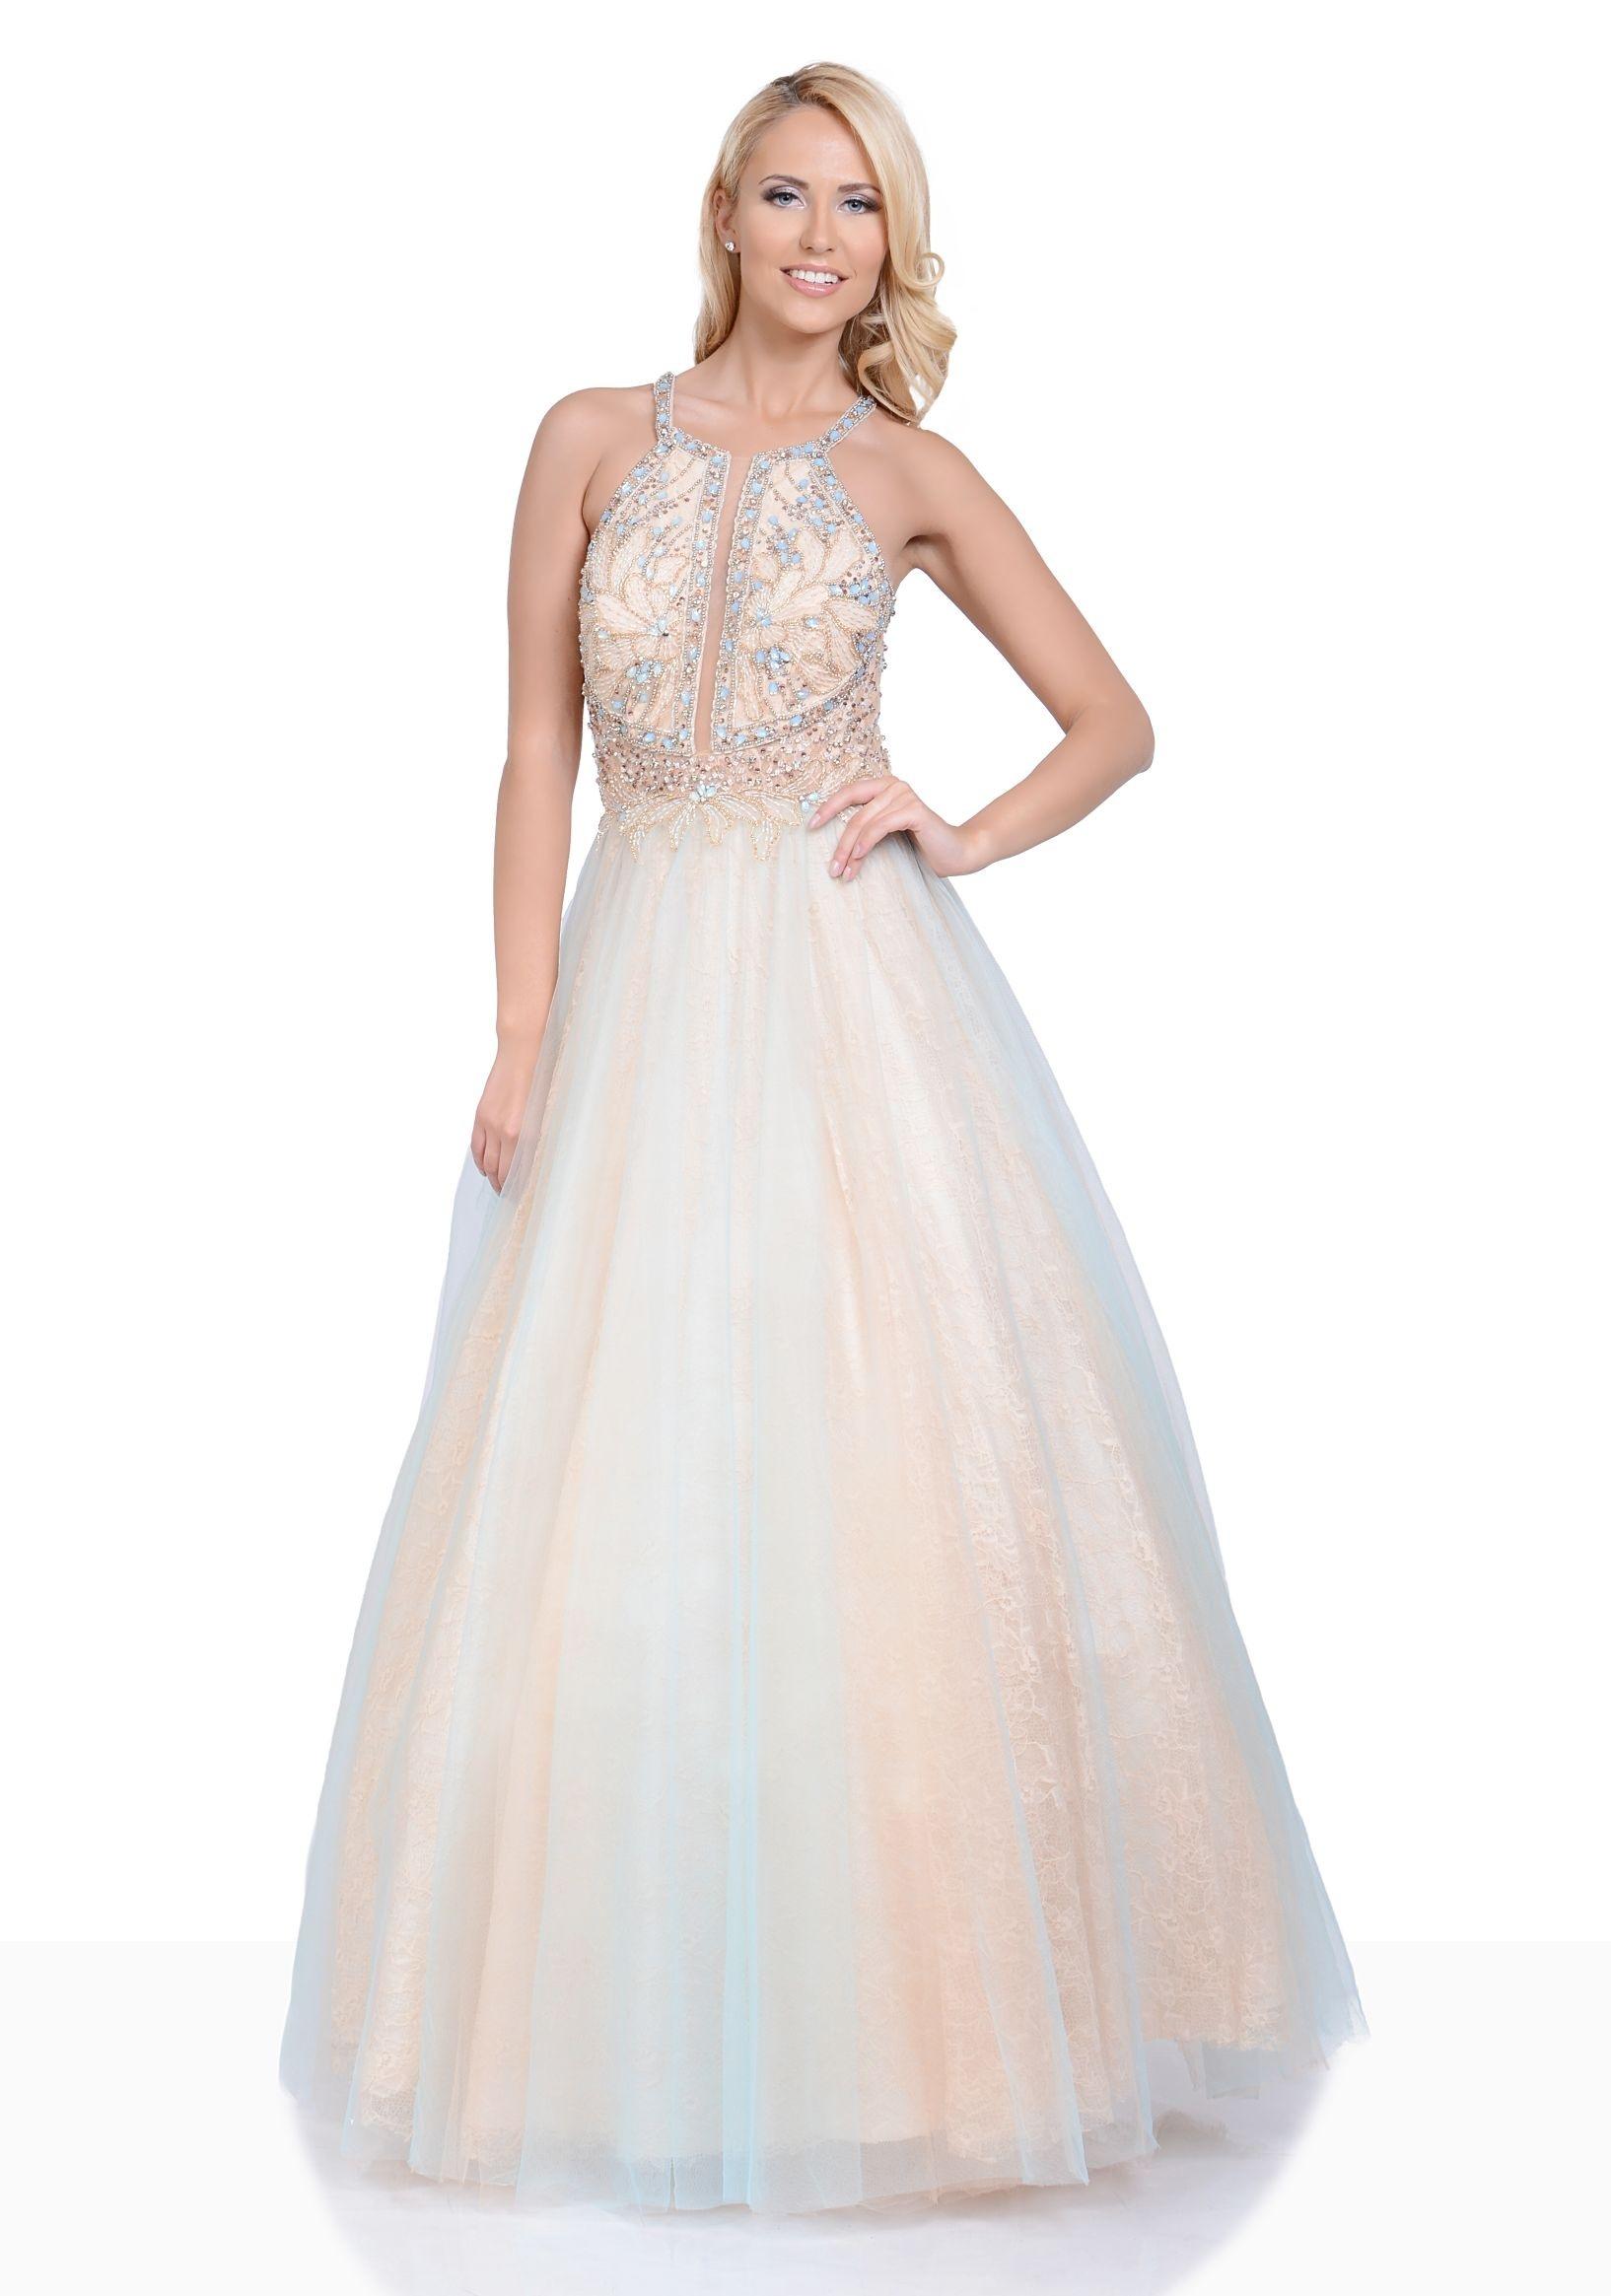 Formal Genial Sommerkleid Lang Weiß Boutique Einfach Sommerkleid Lang Weiß Vertrieb